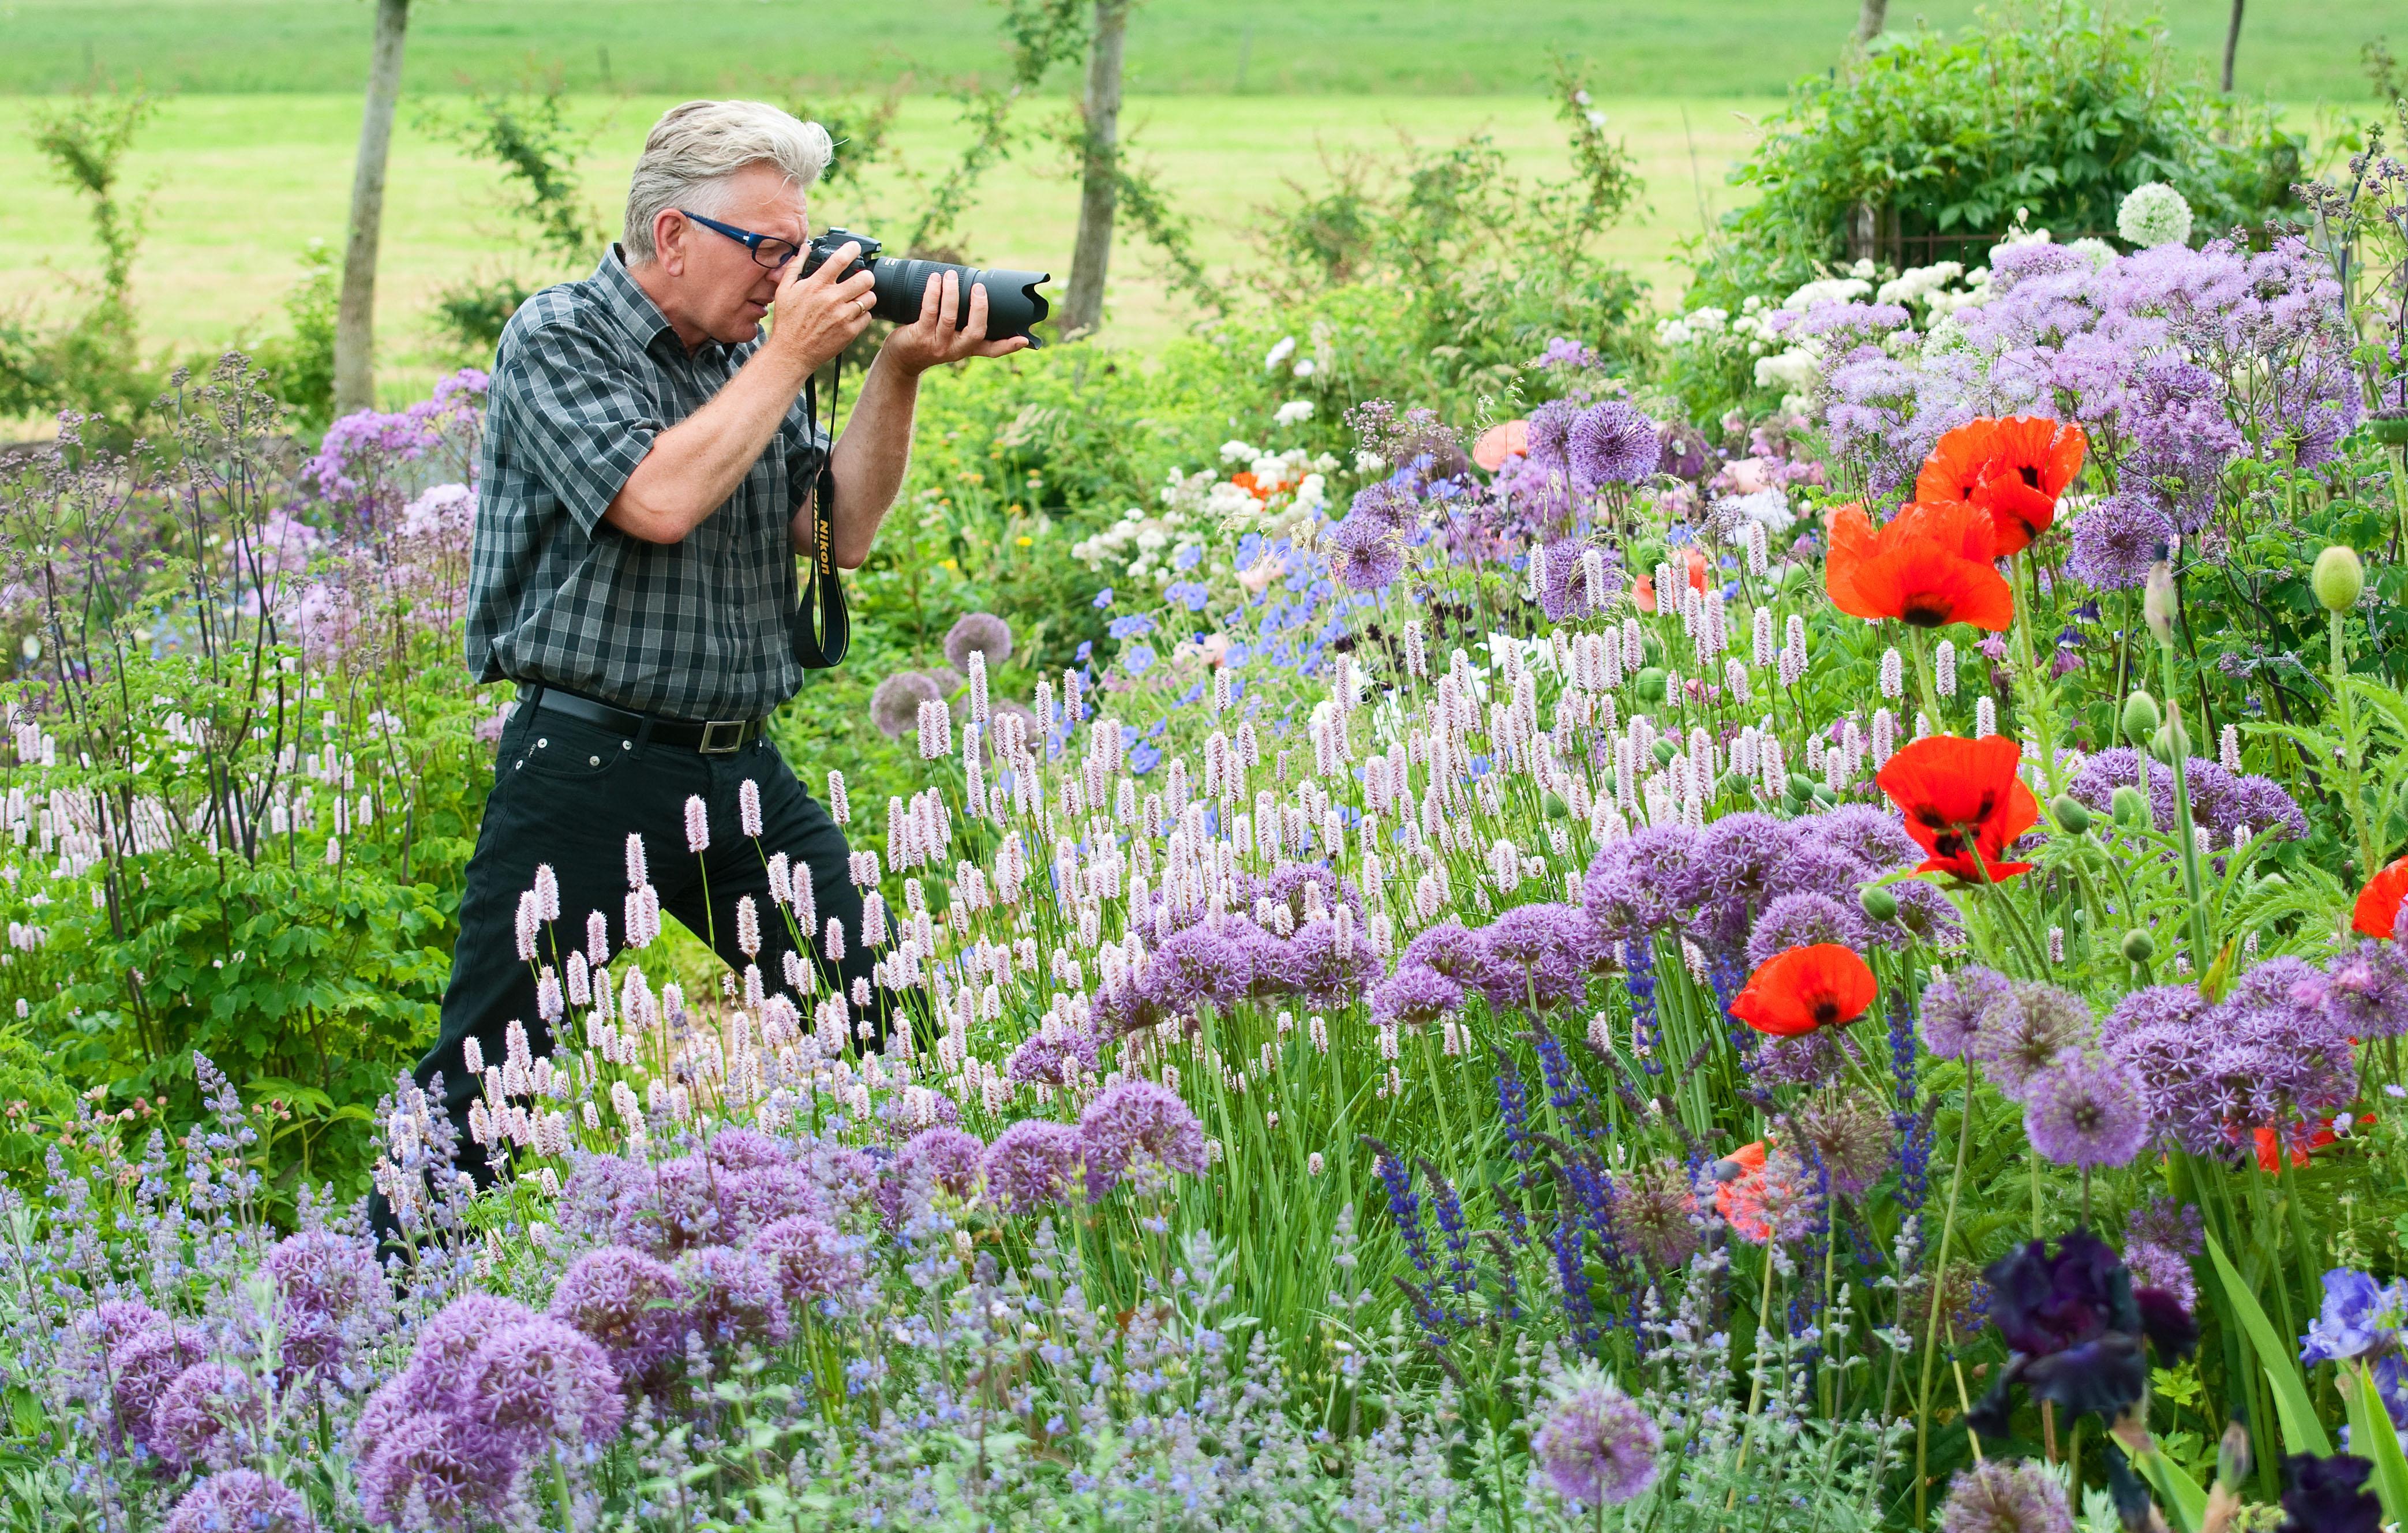 Foto Judith Stokmans - Voorjaarsborder in De Veenhoop (Frl).jpg